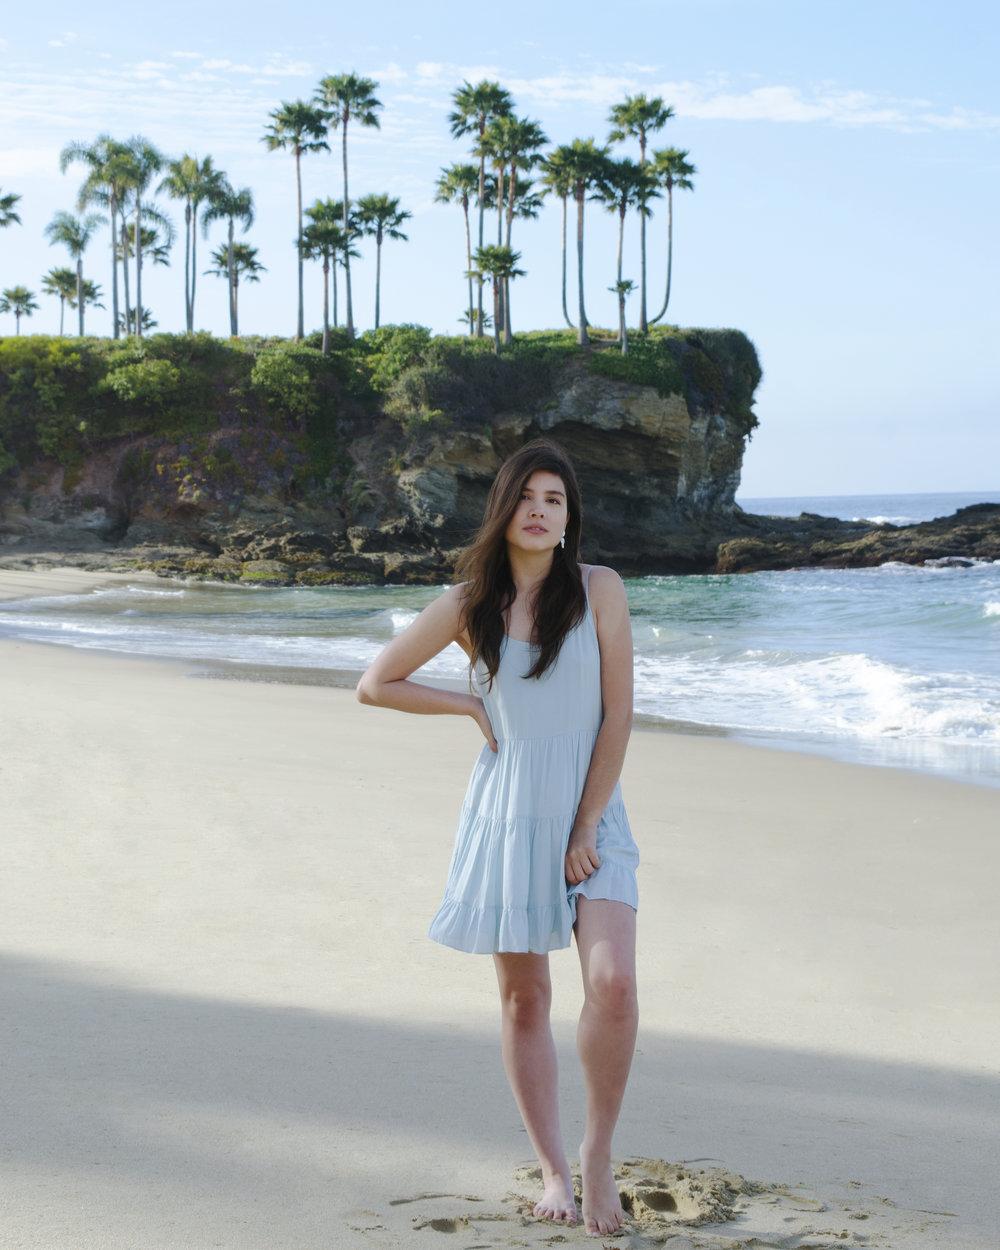 seeking chelle_laguna beach